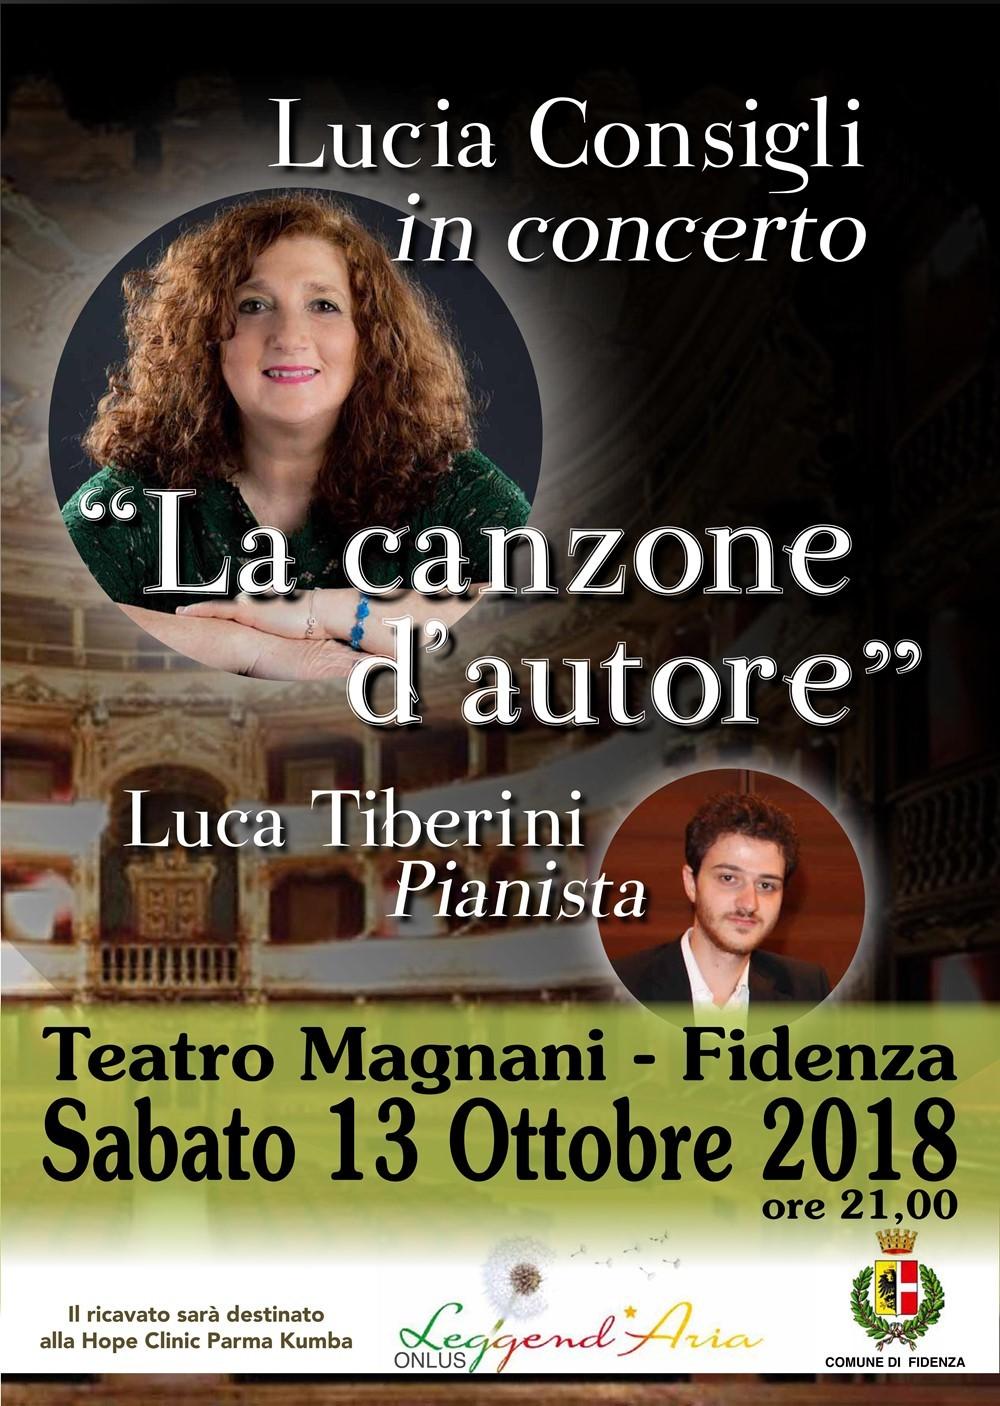 """""""La canzone d'autore"""" con  la cantante Lucia Consigli. Concerto benefico"""